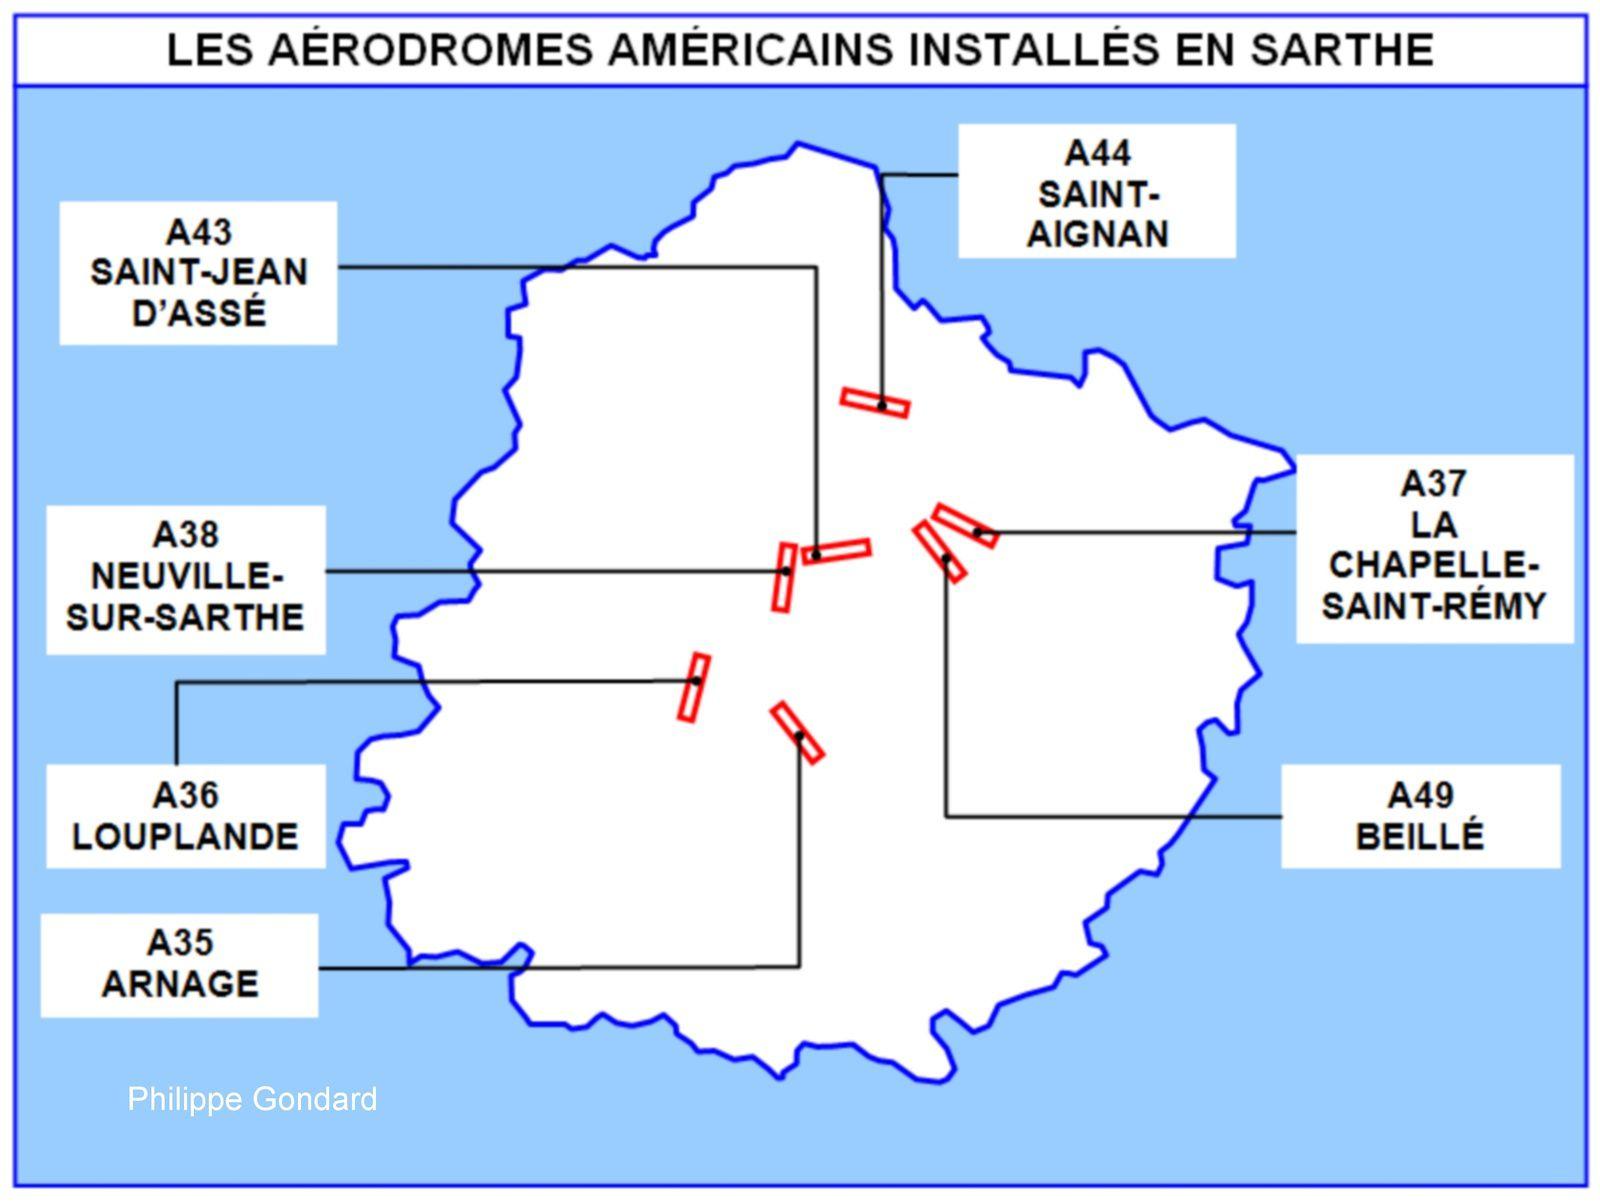 Les aérodromes américains en Sarthe